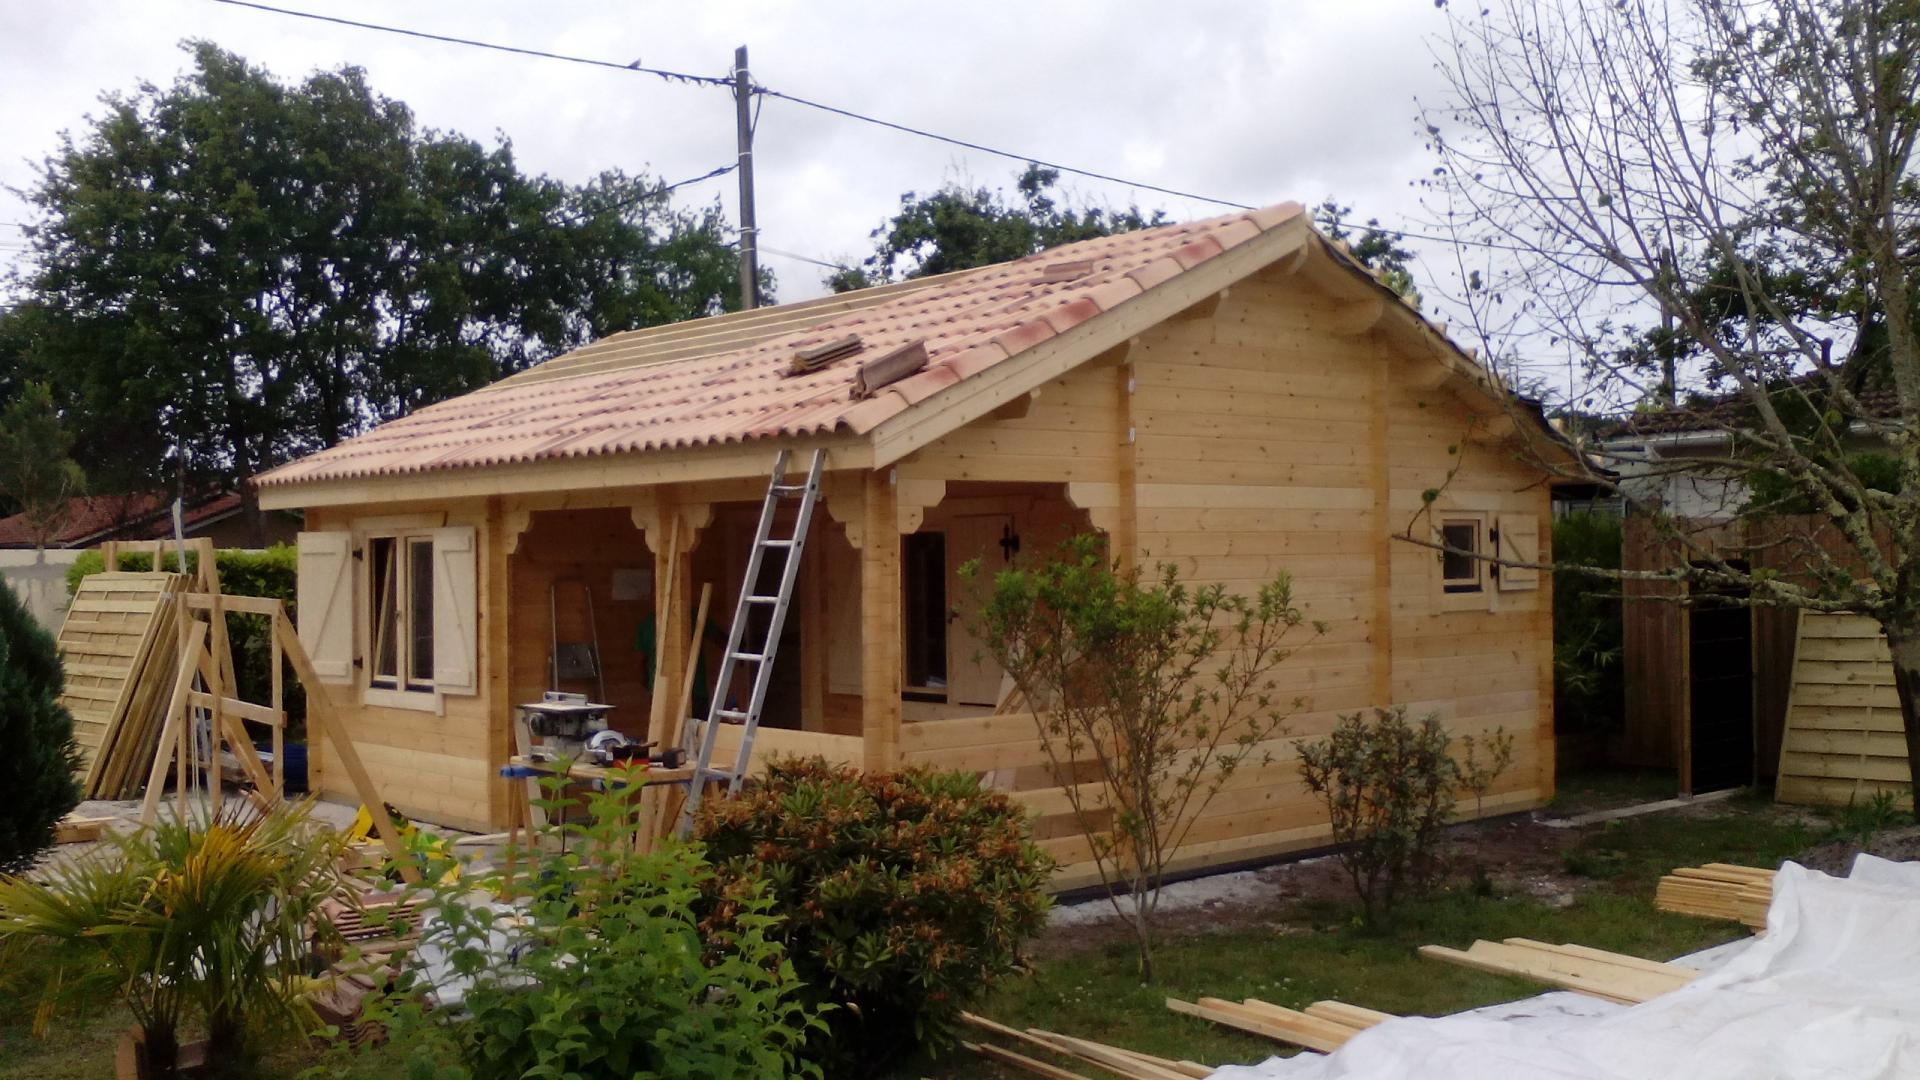 Fabricant Constructeur De Kits Chalets En Bois Habitables - Stmb encequiconcerne Construire Un Abri De Jardin En Bois Soi Meme